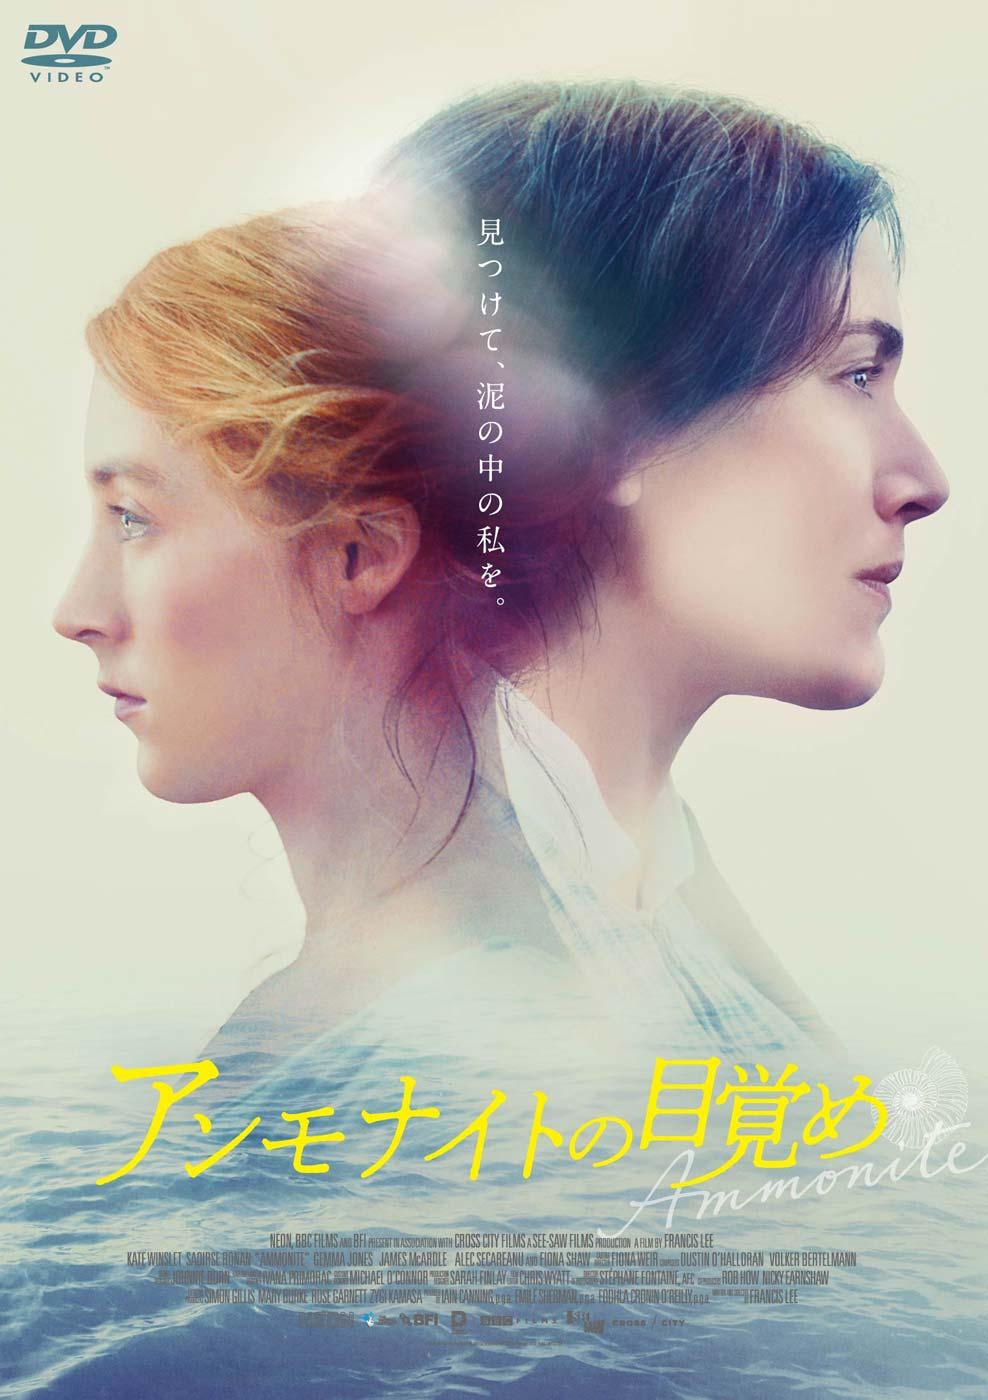 「アンモナイトの目覚め」DVD GAGA★ONLINE STORE限定 非売品プレス付き